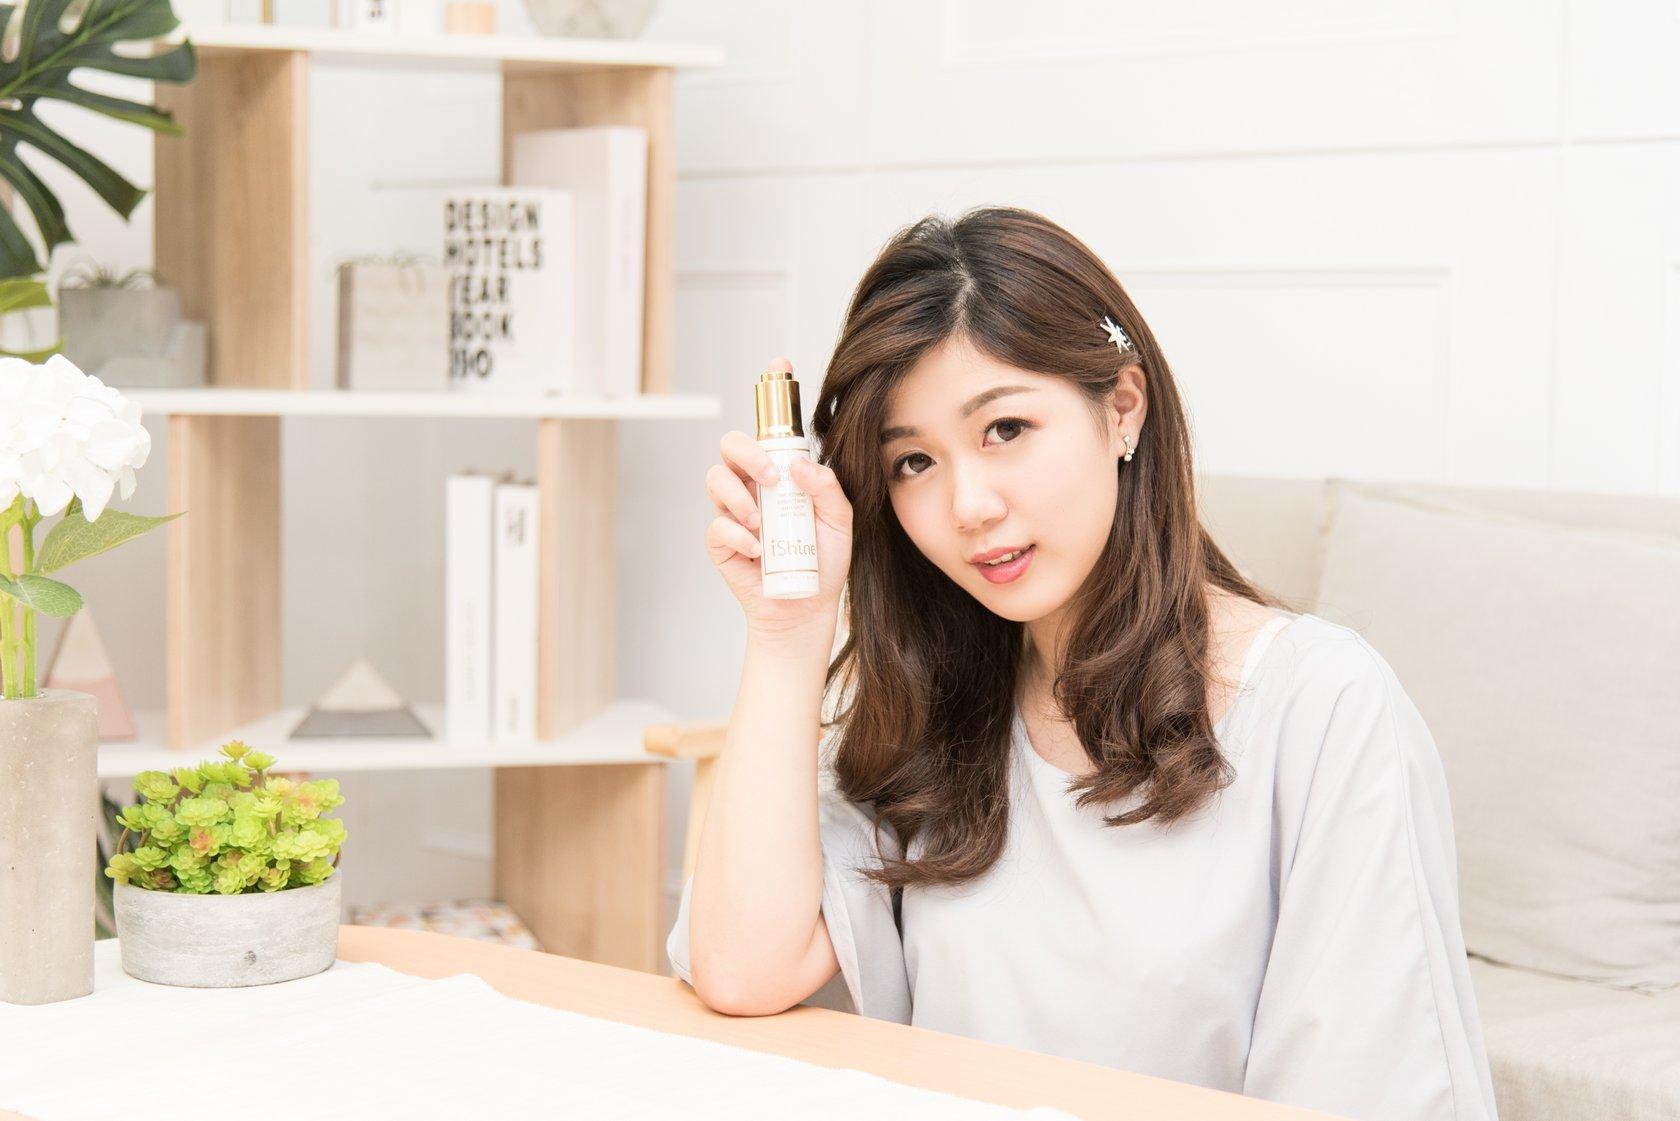 個人彩妝 化妝步驟有哪些 逐一檢視告訴你